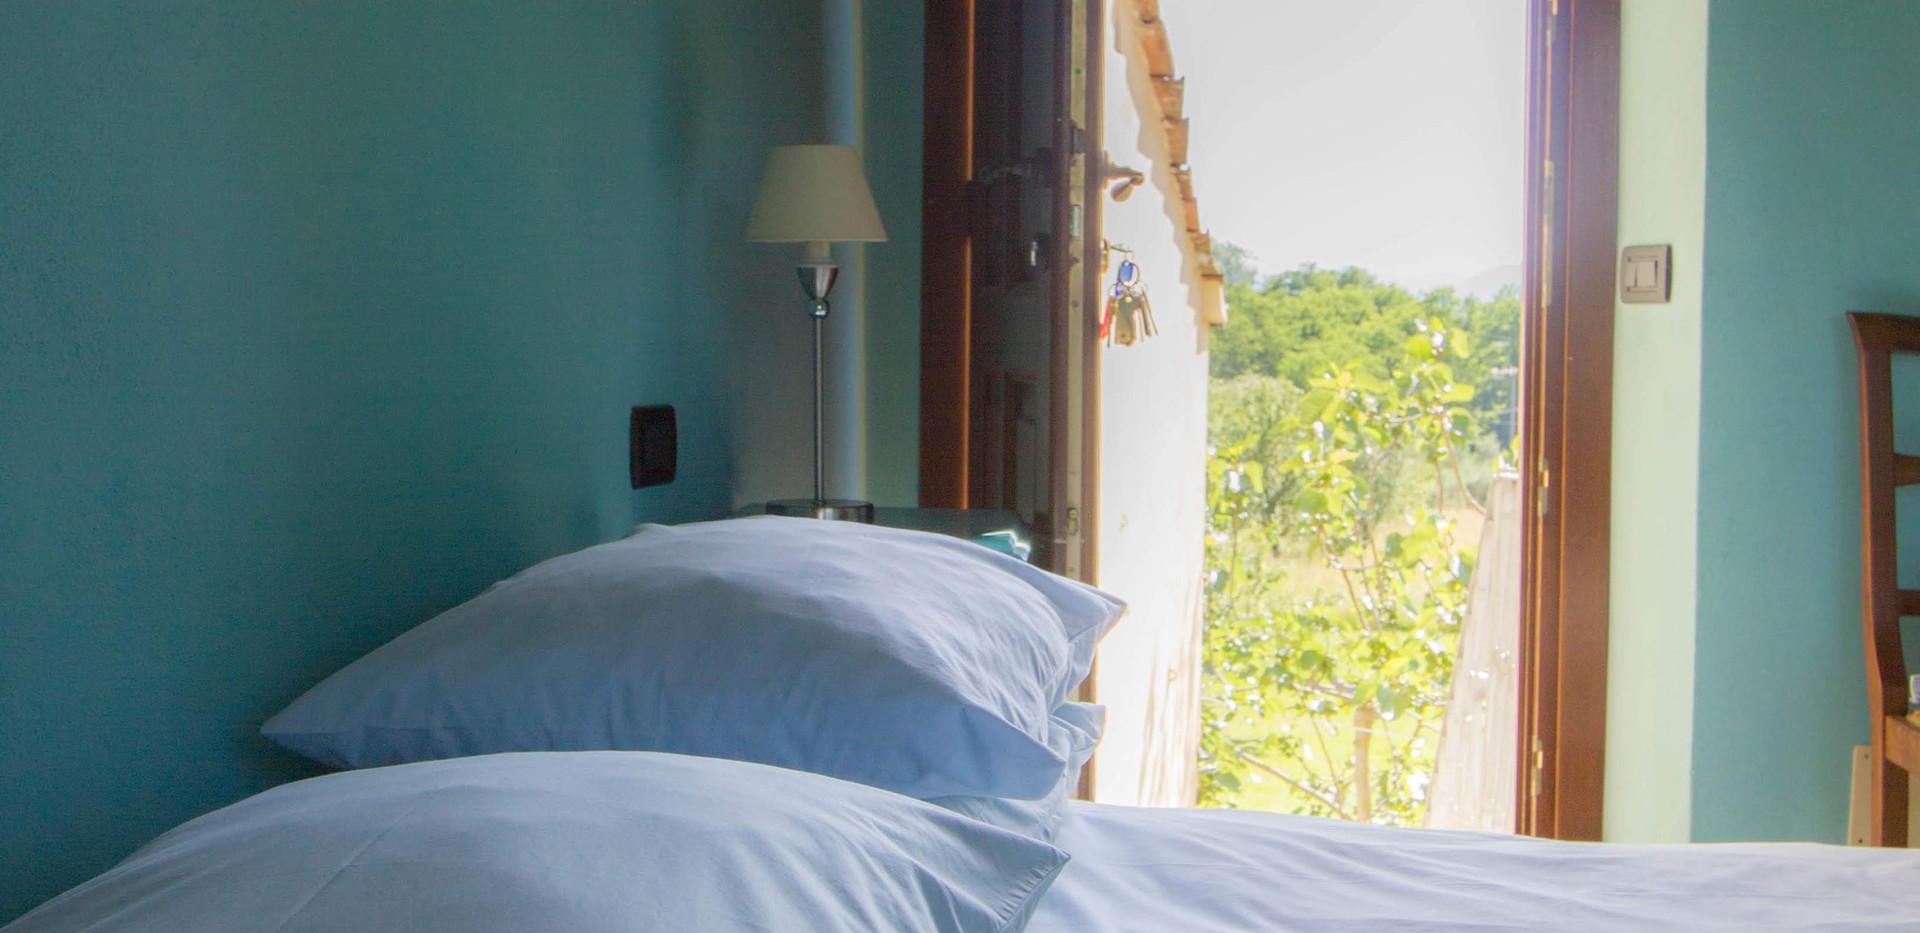 Summer bedroom3.jpg